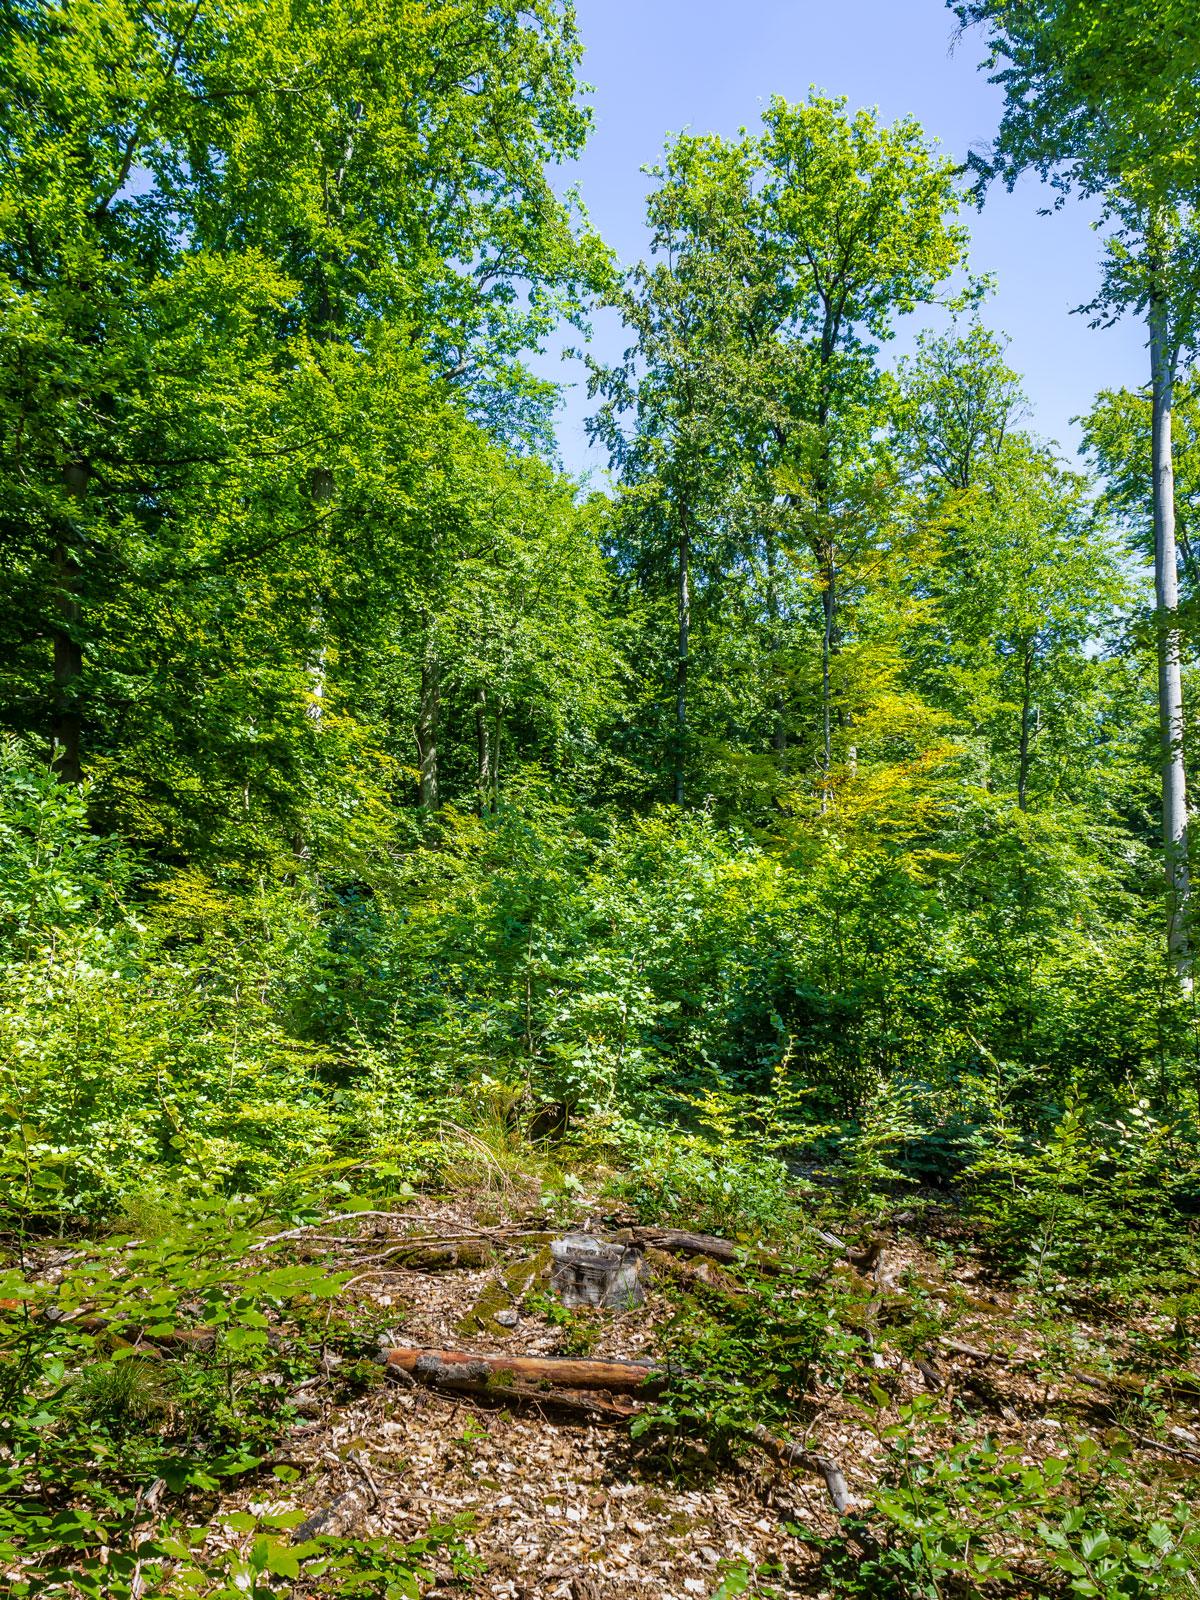 Buchenverjüngung hinter Baumstumpf